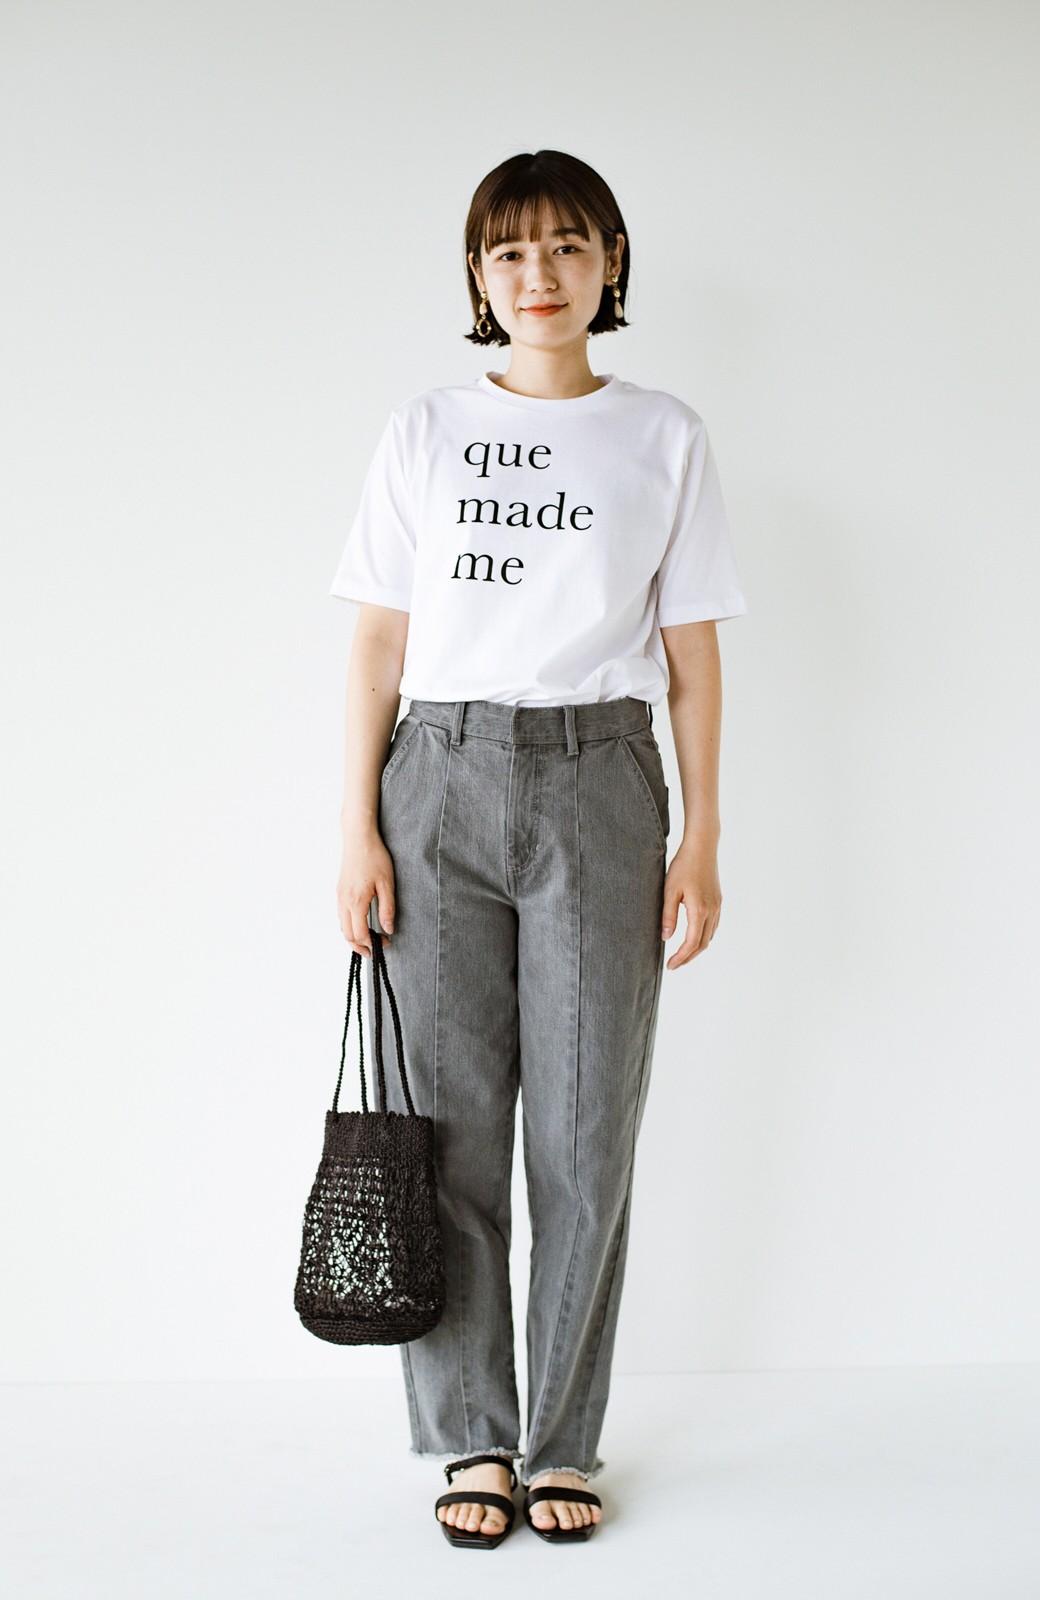 haco! 時間のない朝にもパッと出かけられる!元気が出るきれい色スカートにちょうどいいロゴTシャツを合わせておいた作り置きコーデセット by que made me <その他>の商品写真13